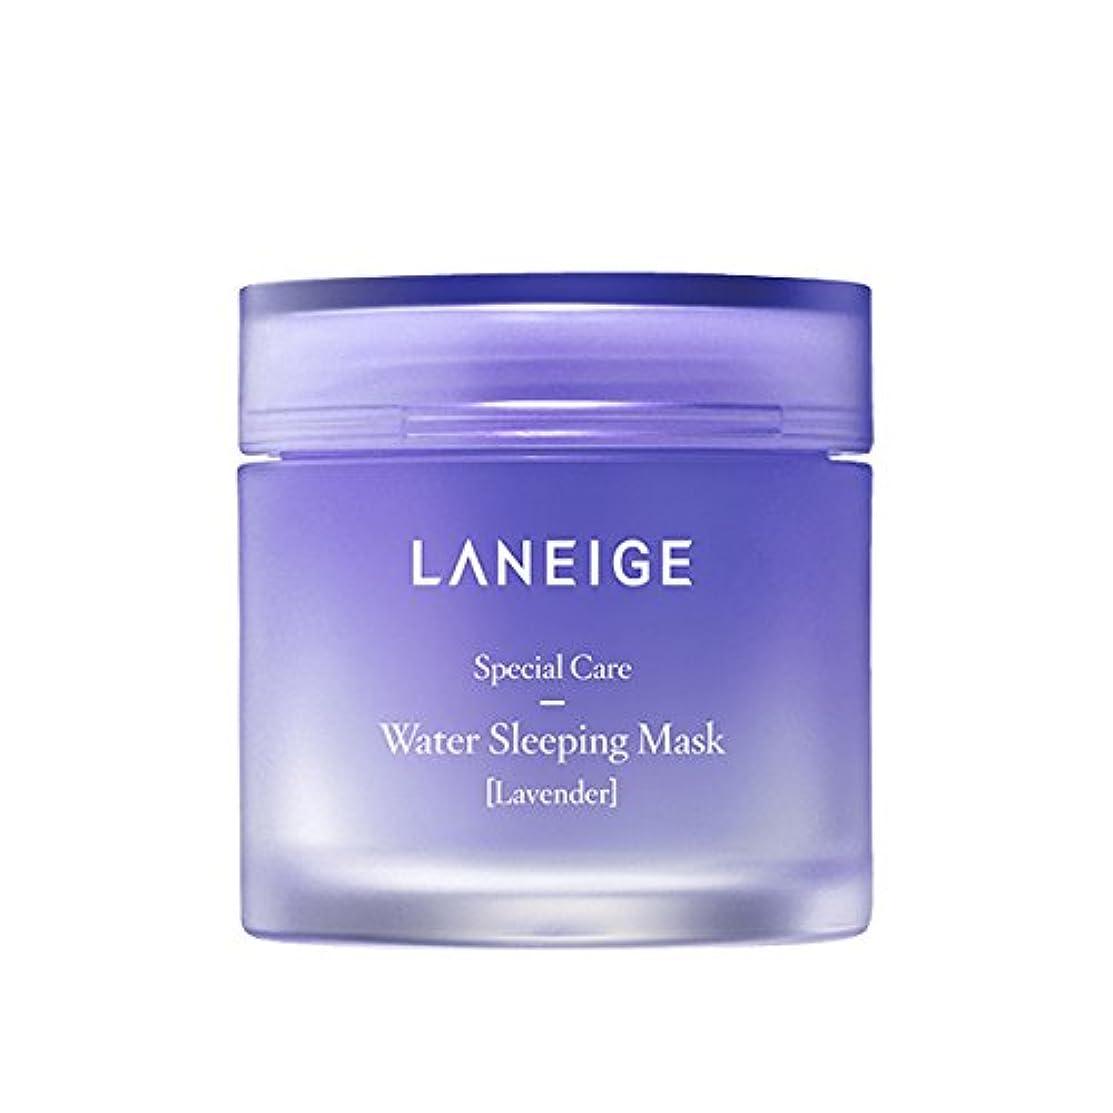 有限居心地の良いオセアニアLANEIGE Water Sleeping Mask [Lavender] 70ml/ラネージュ ウォーター スリーピング マスク [ラベンダー] 70ml [並行輸入品]